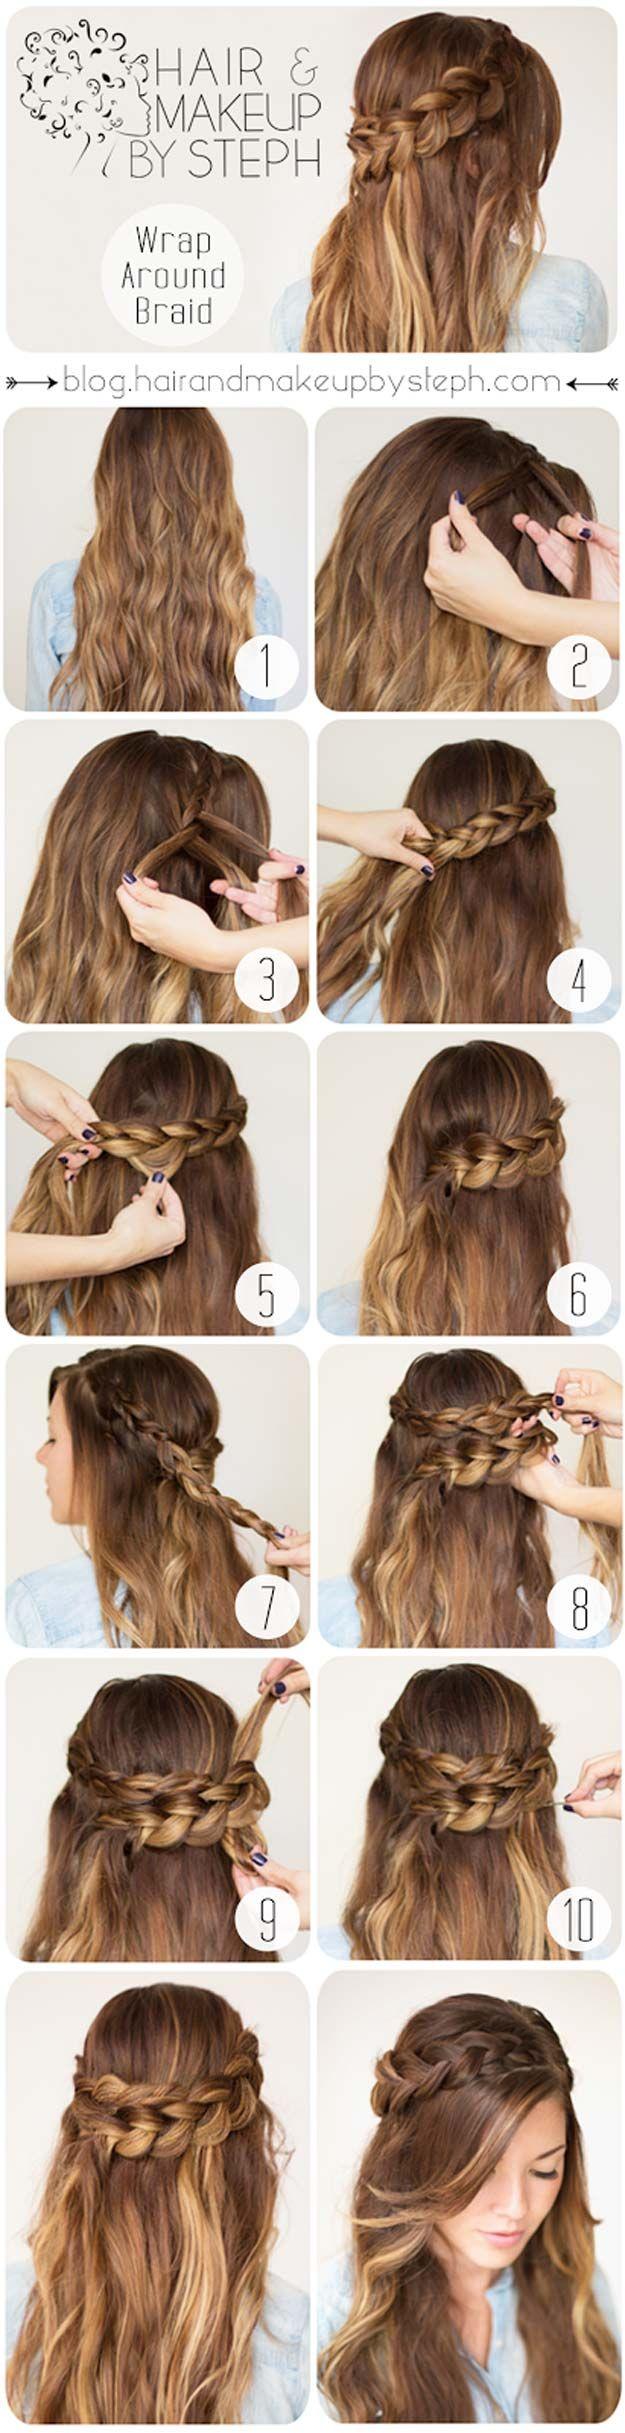 Легкие прически для длинных волос на каждый день в школу для